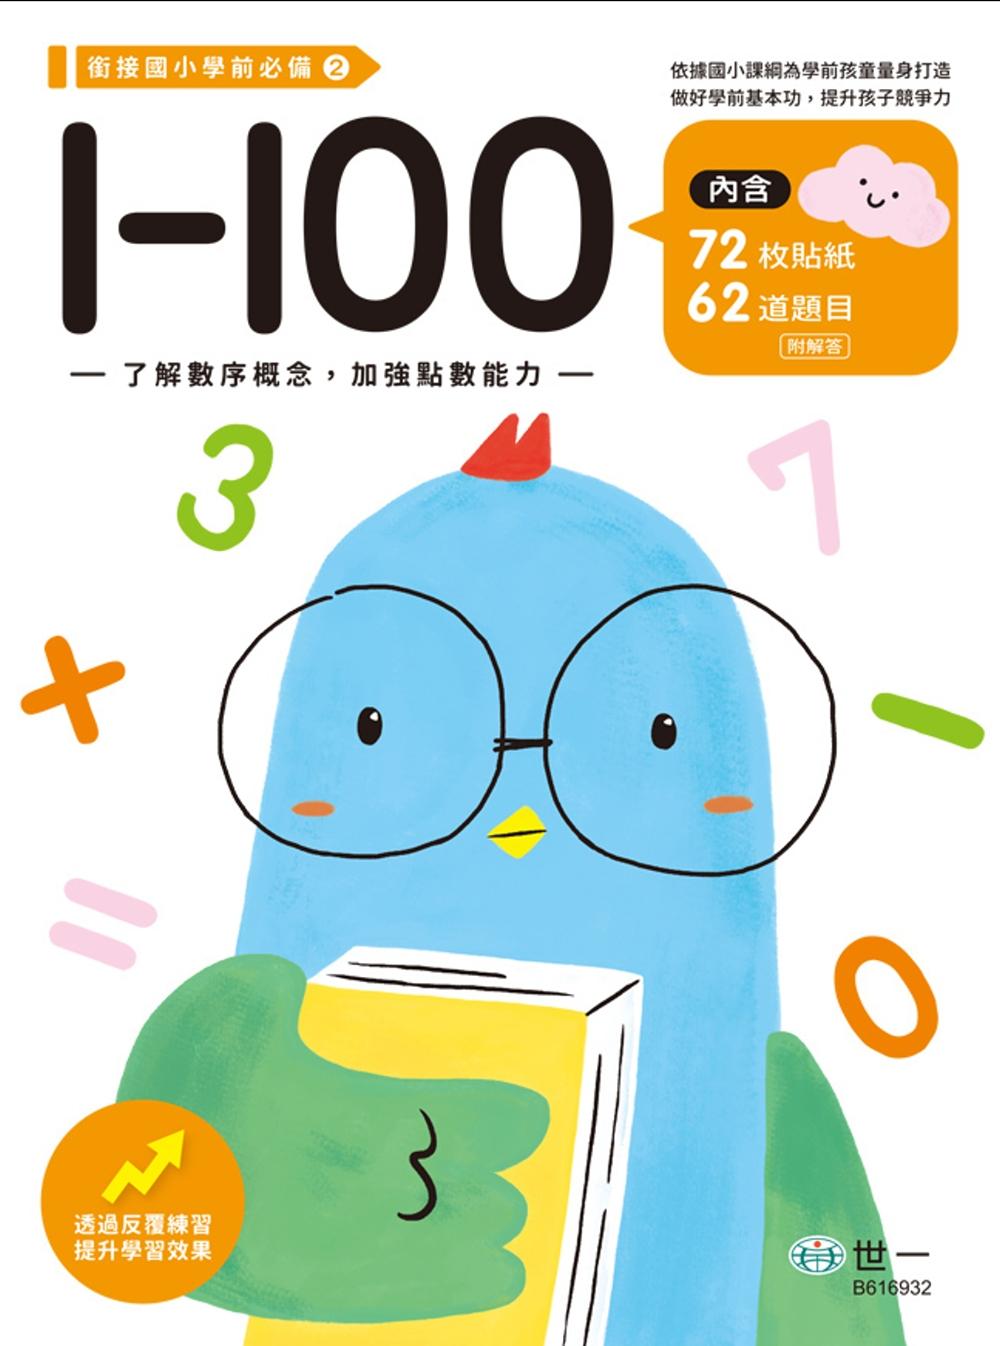 1~100練習本(獎勵貼紙1大張)